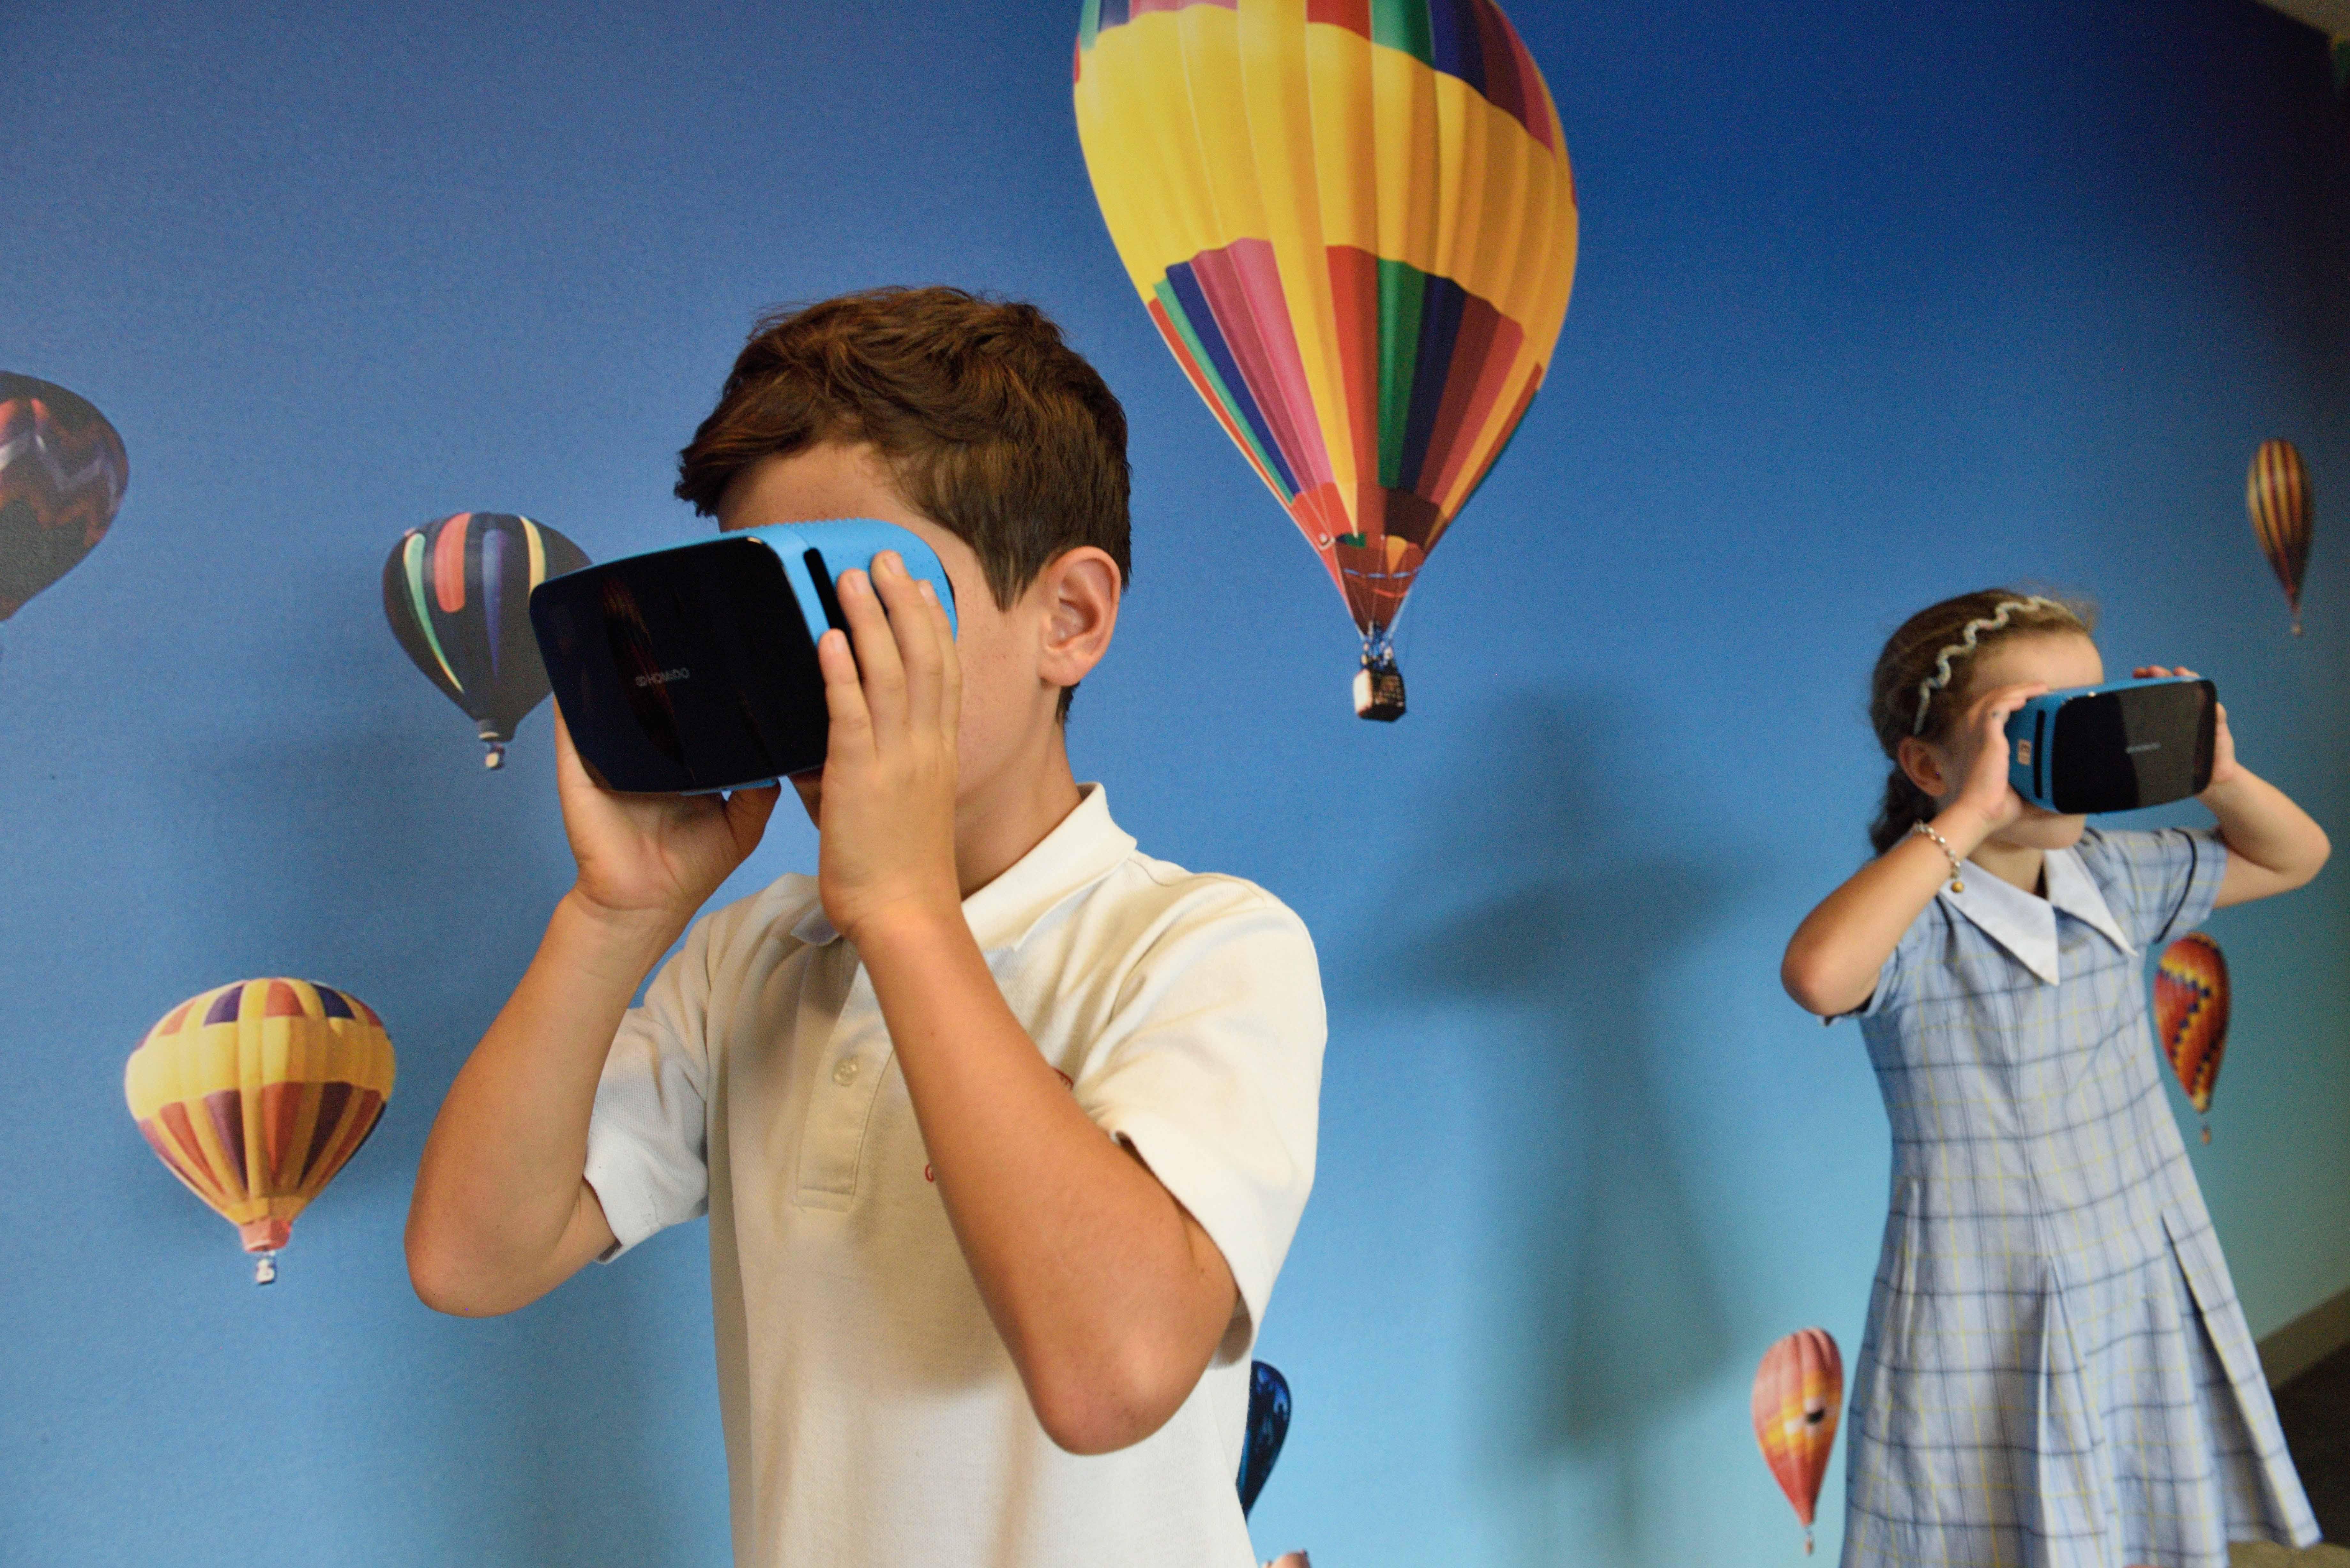 somdocents-les-tecnologies-a-l'educació